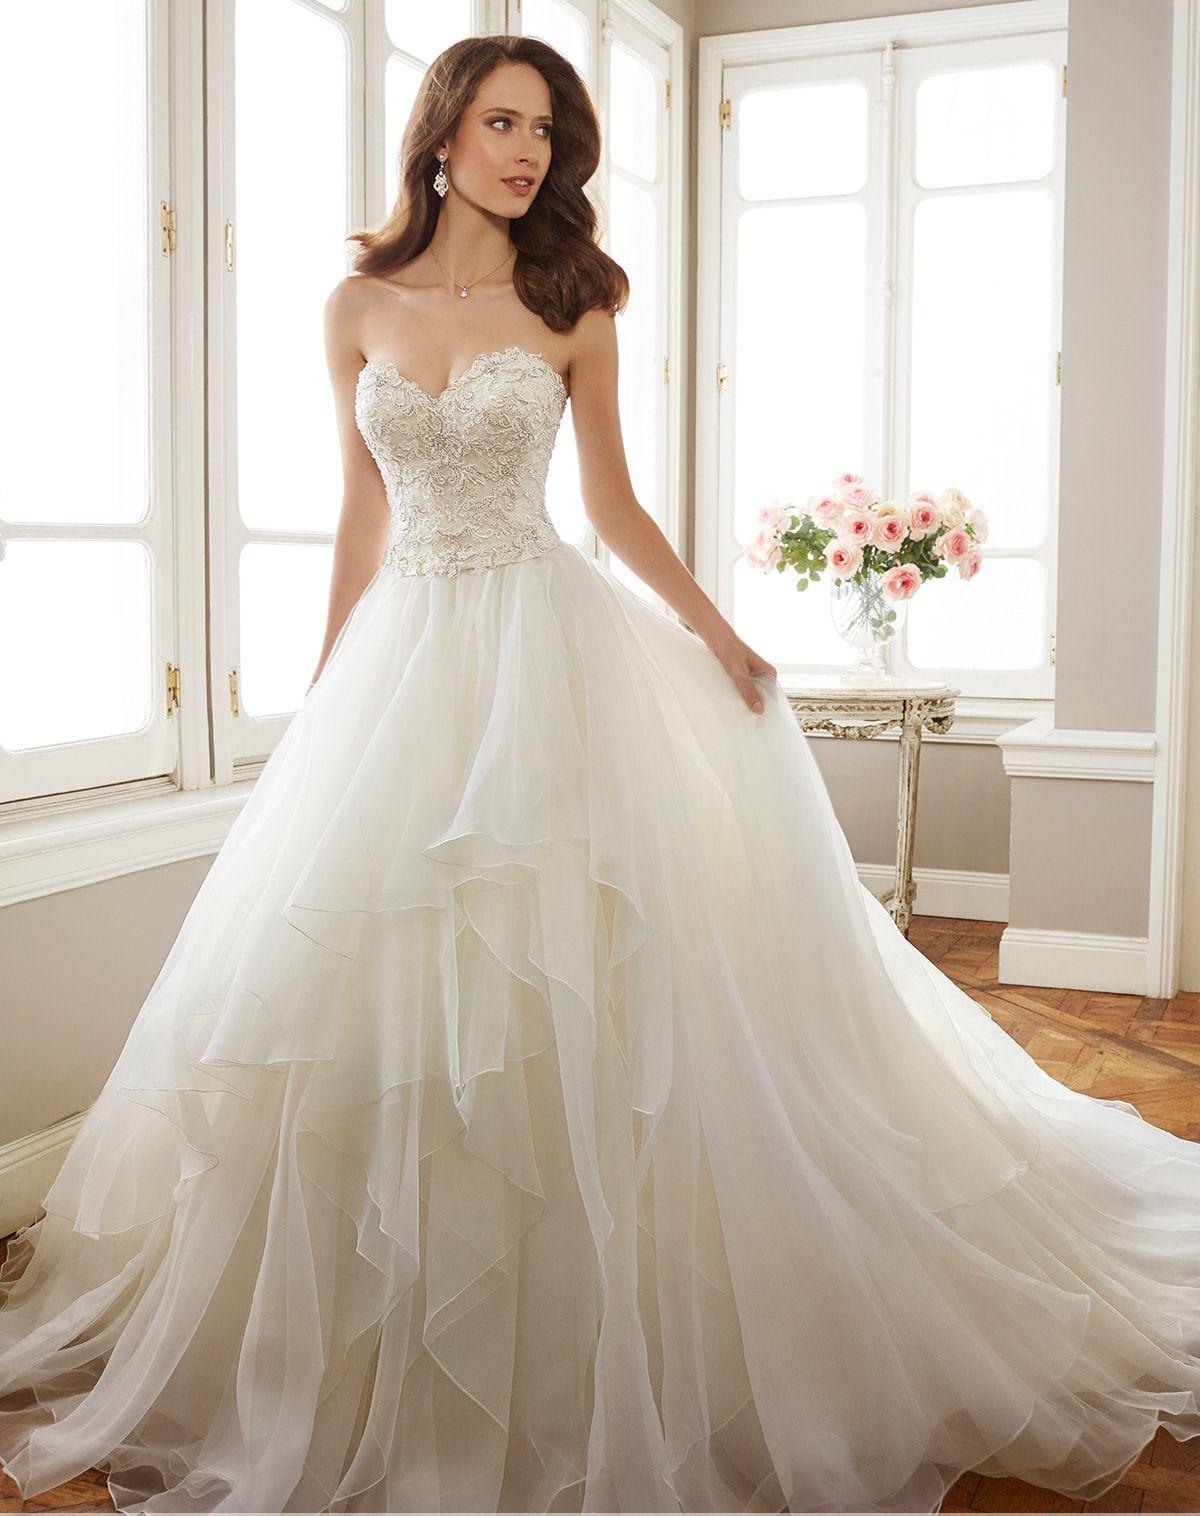 Trägerloses Hochzeitskleid 2017 | Brautkleider | Pinterest | Wedding ...